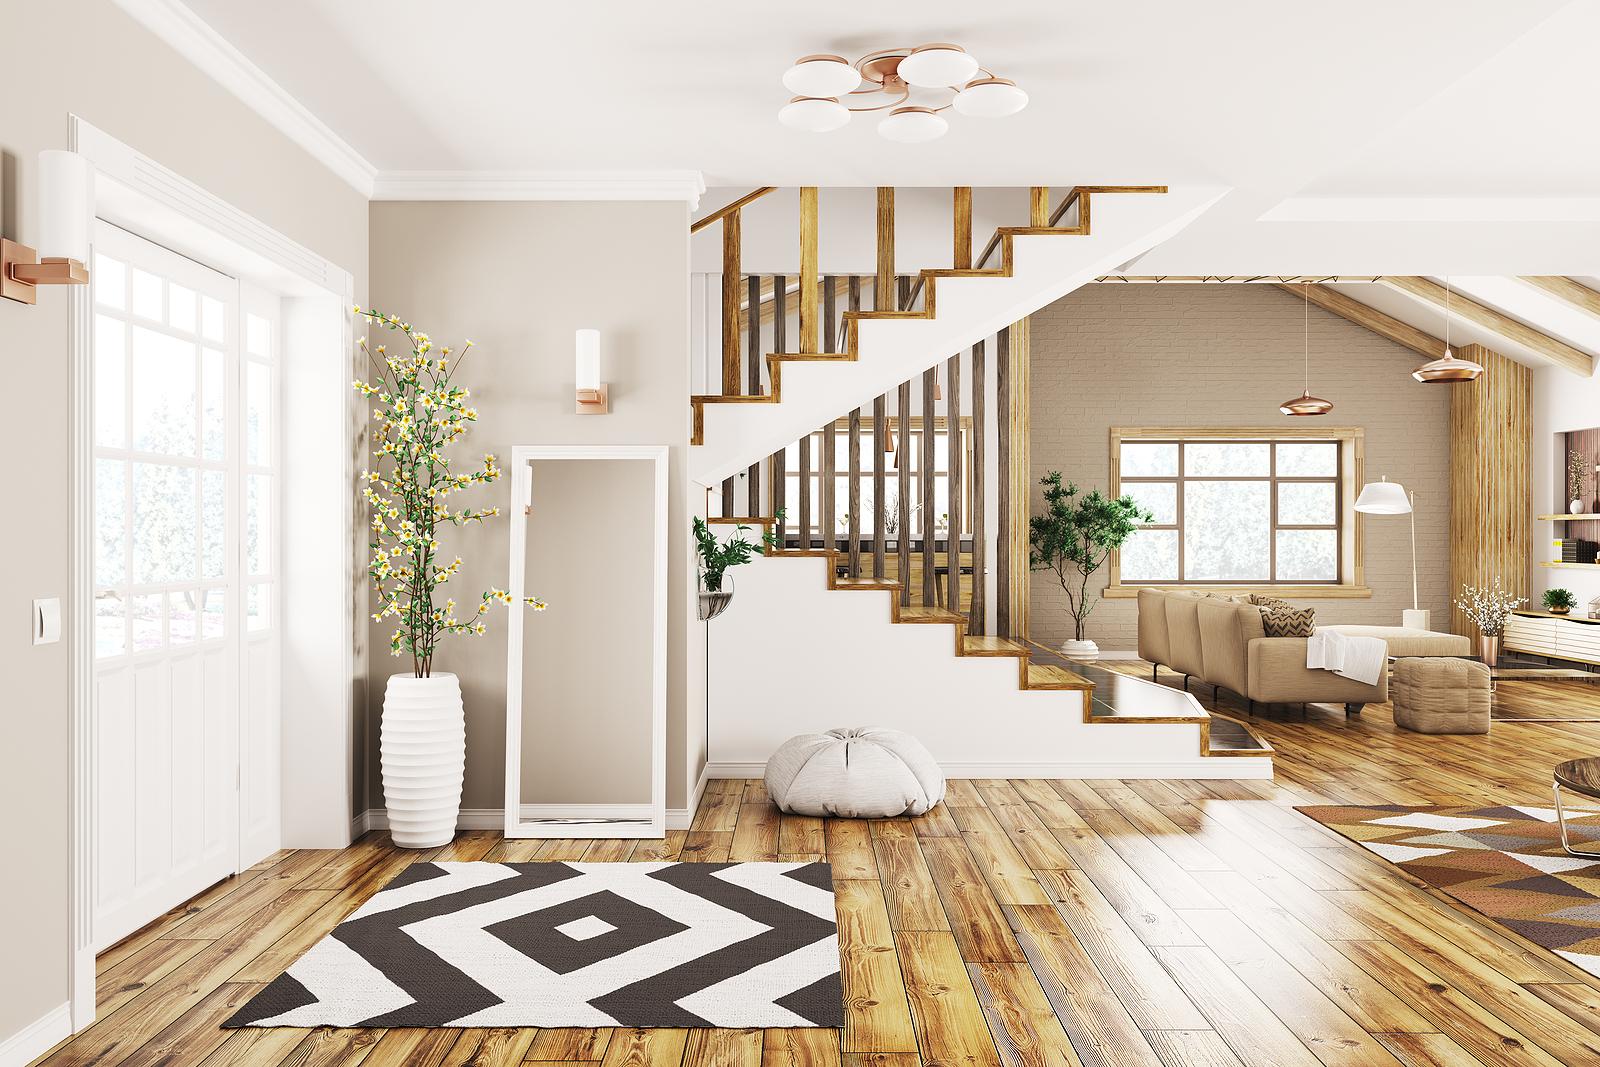 Loft conversion stair ideas